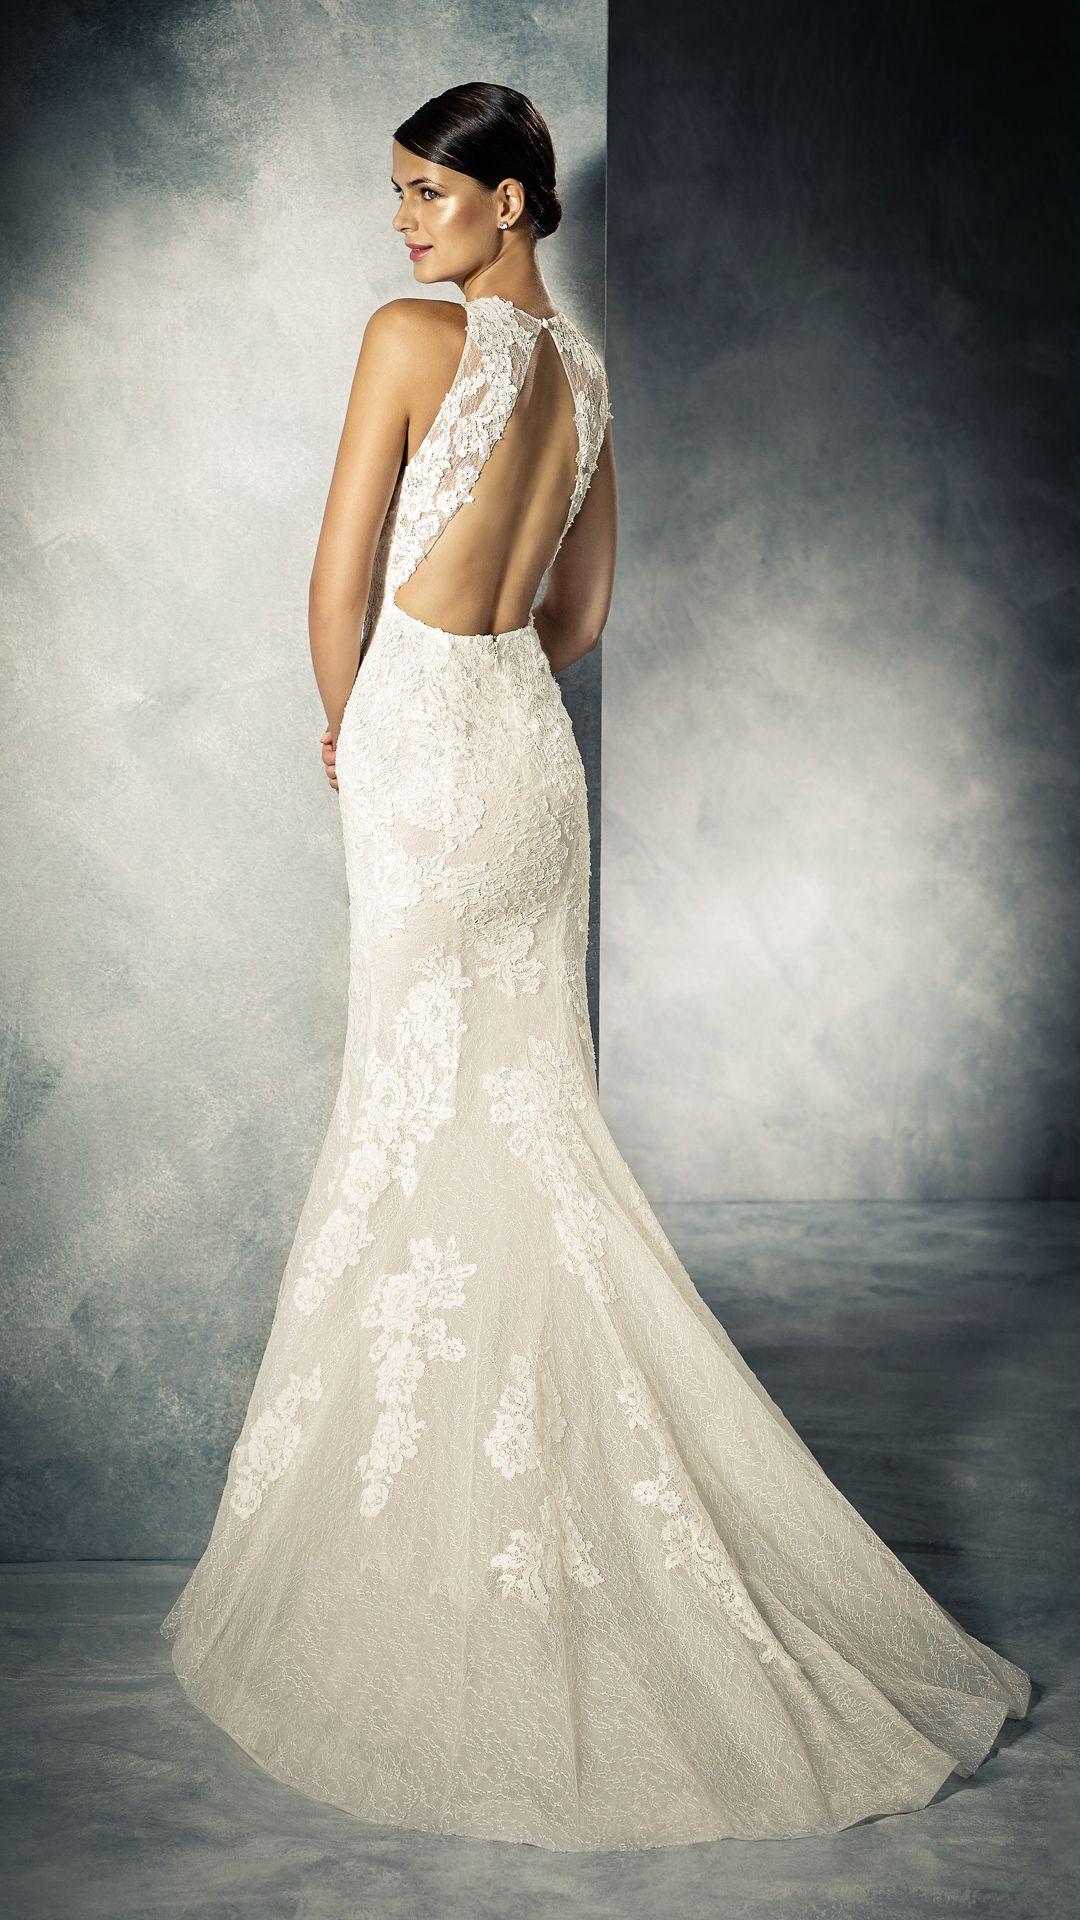 Hochzeitskleider C  A  Abendkleider  Elegante Ballkleider